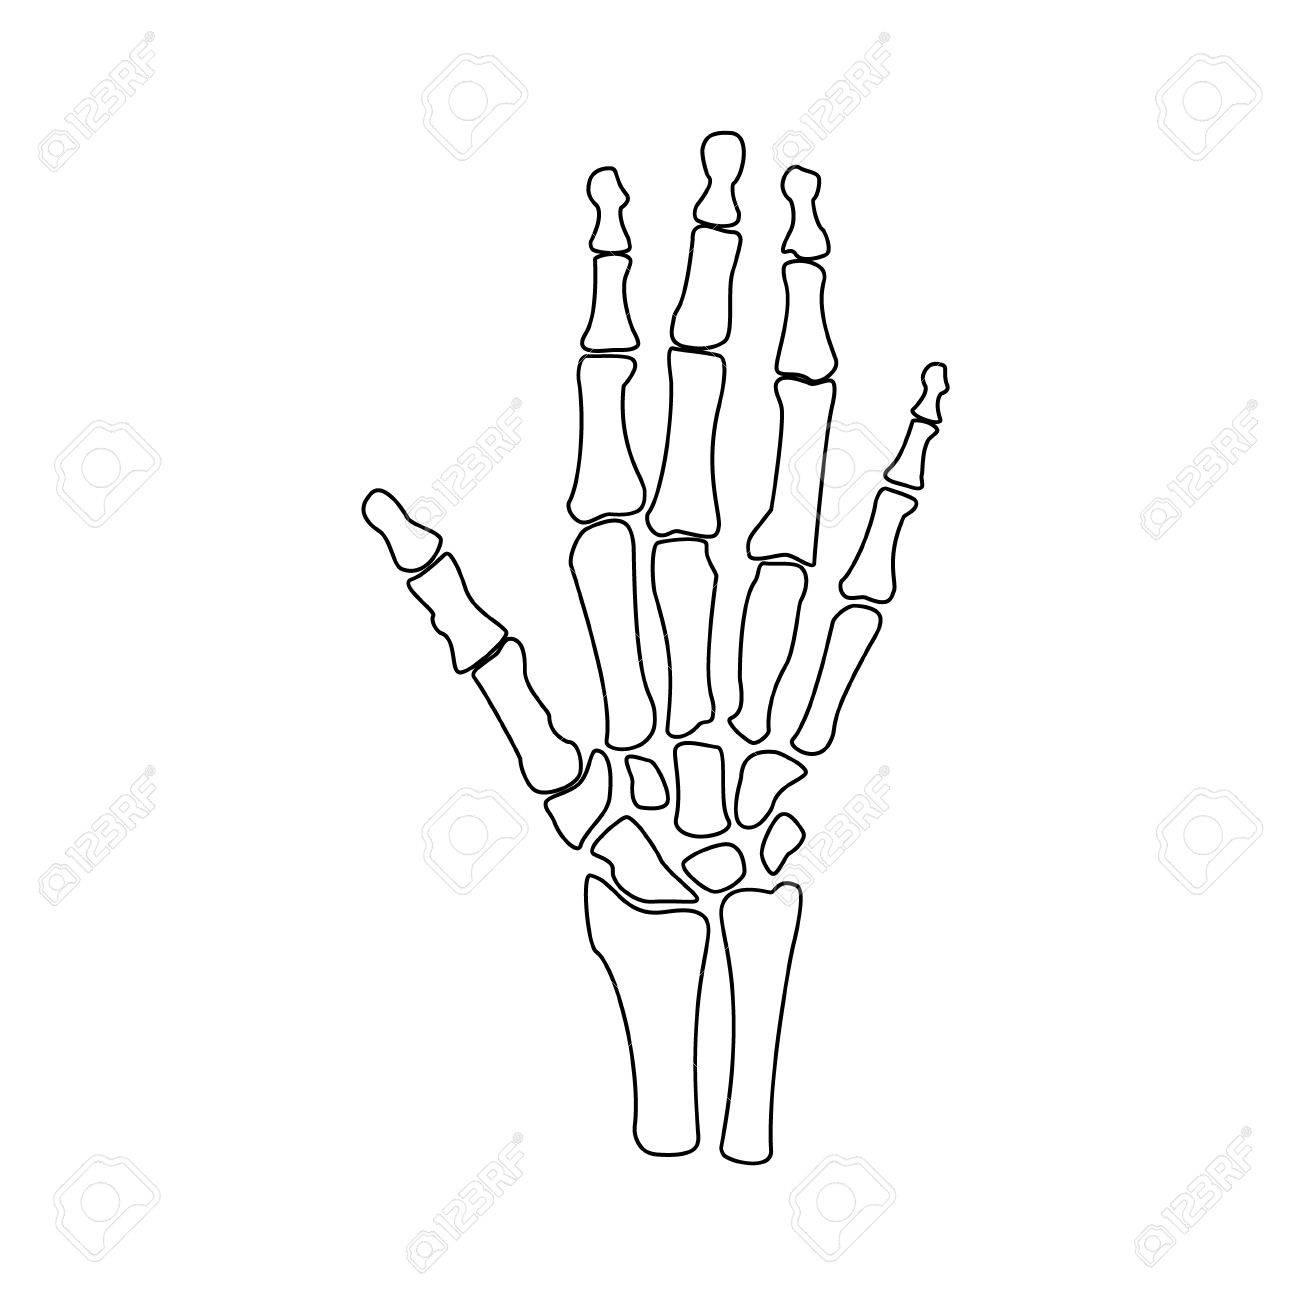 Raster Illustration Hand Knochen Umriss Zeichnung. Orthopädische ...